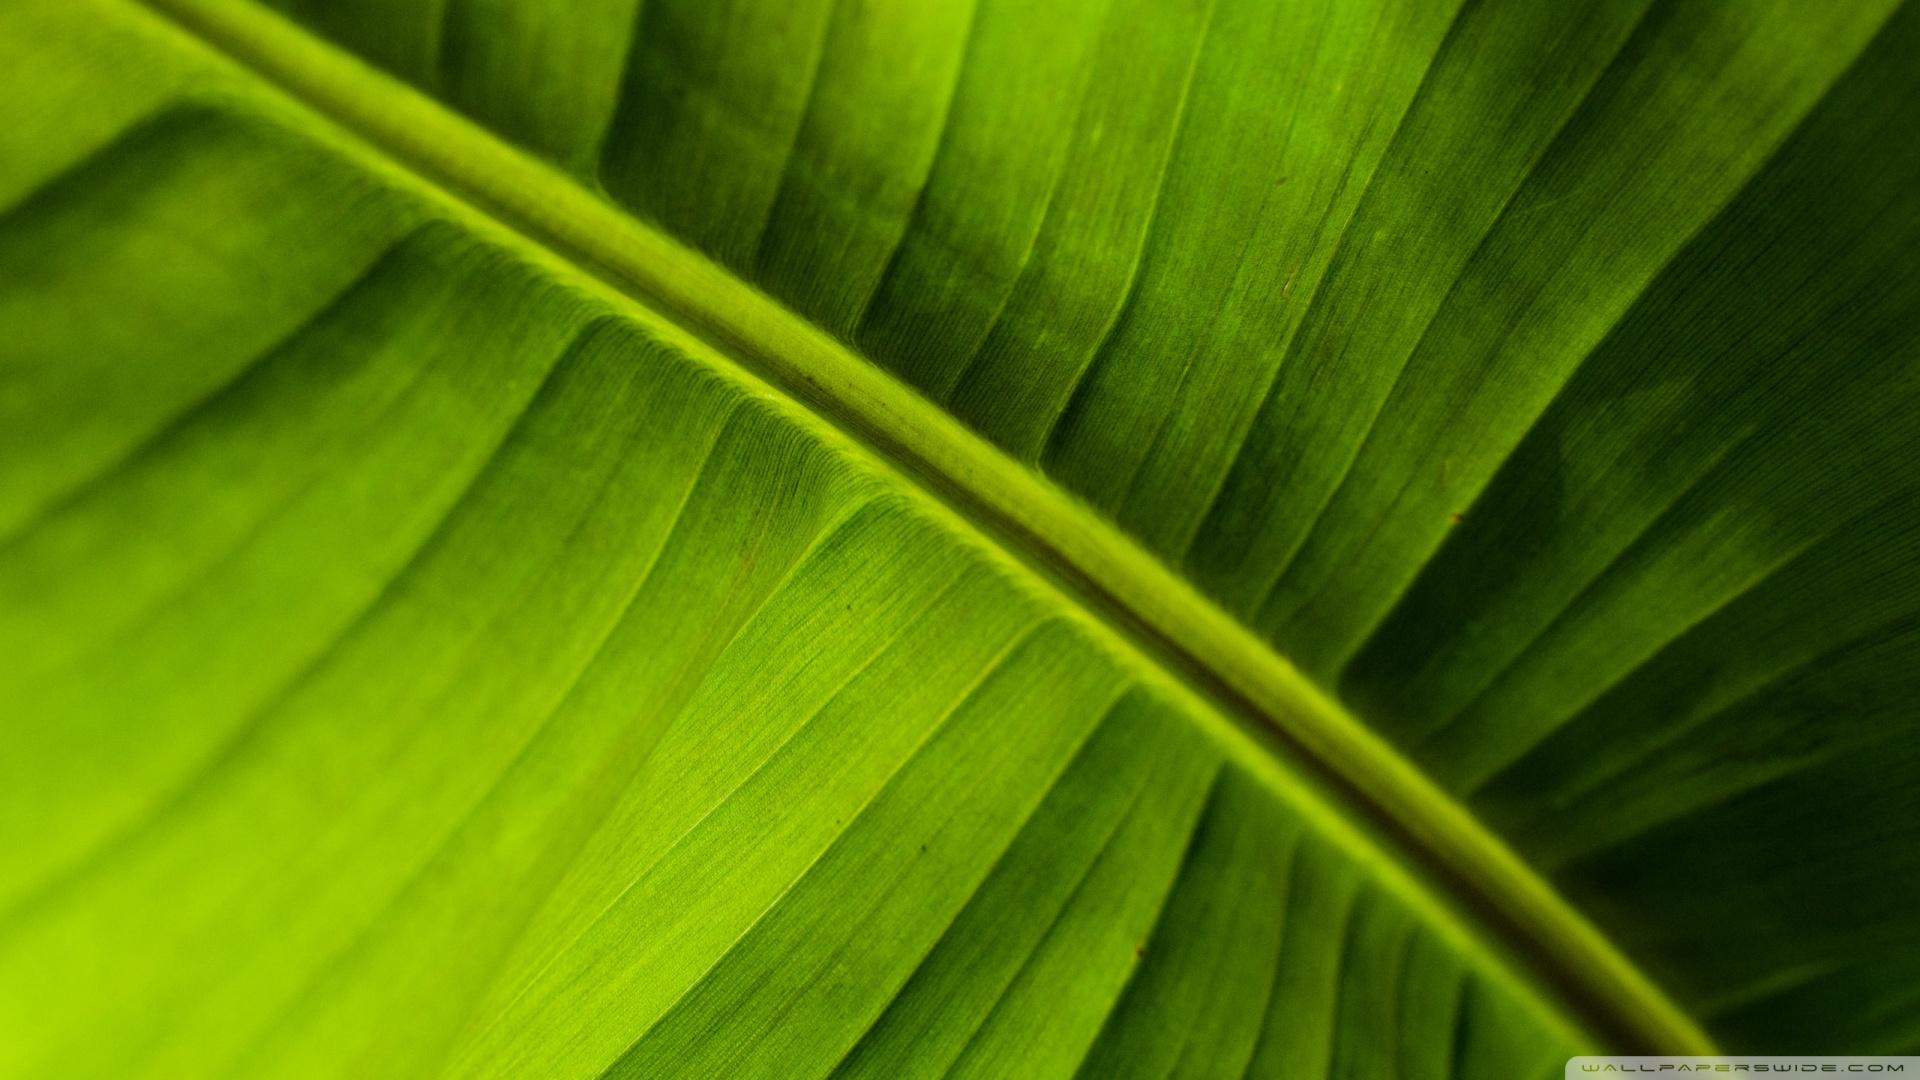 Banana Leaf Wallpaper 1920x1080 Banana Leaf 1920x1080